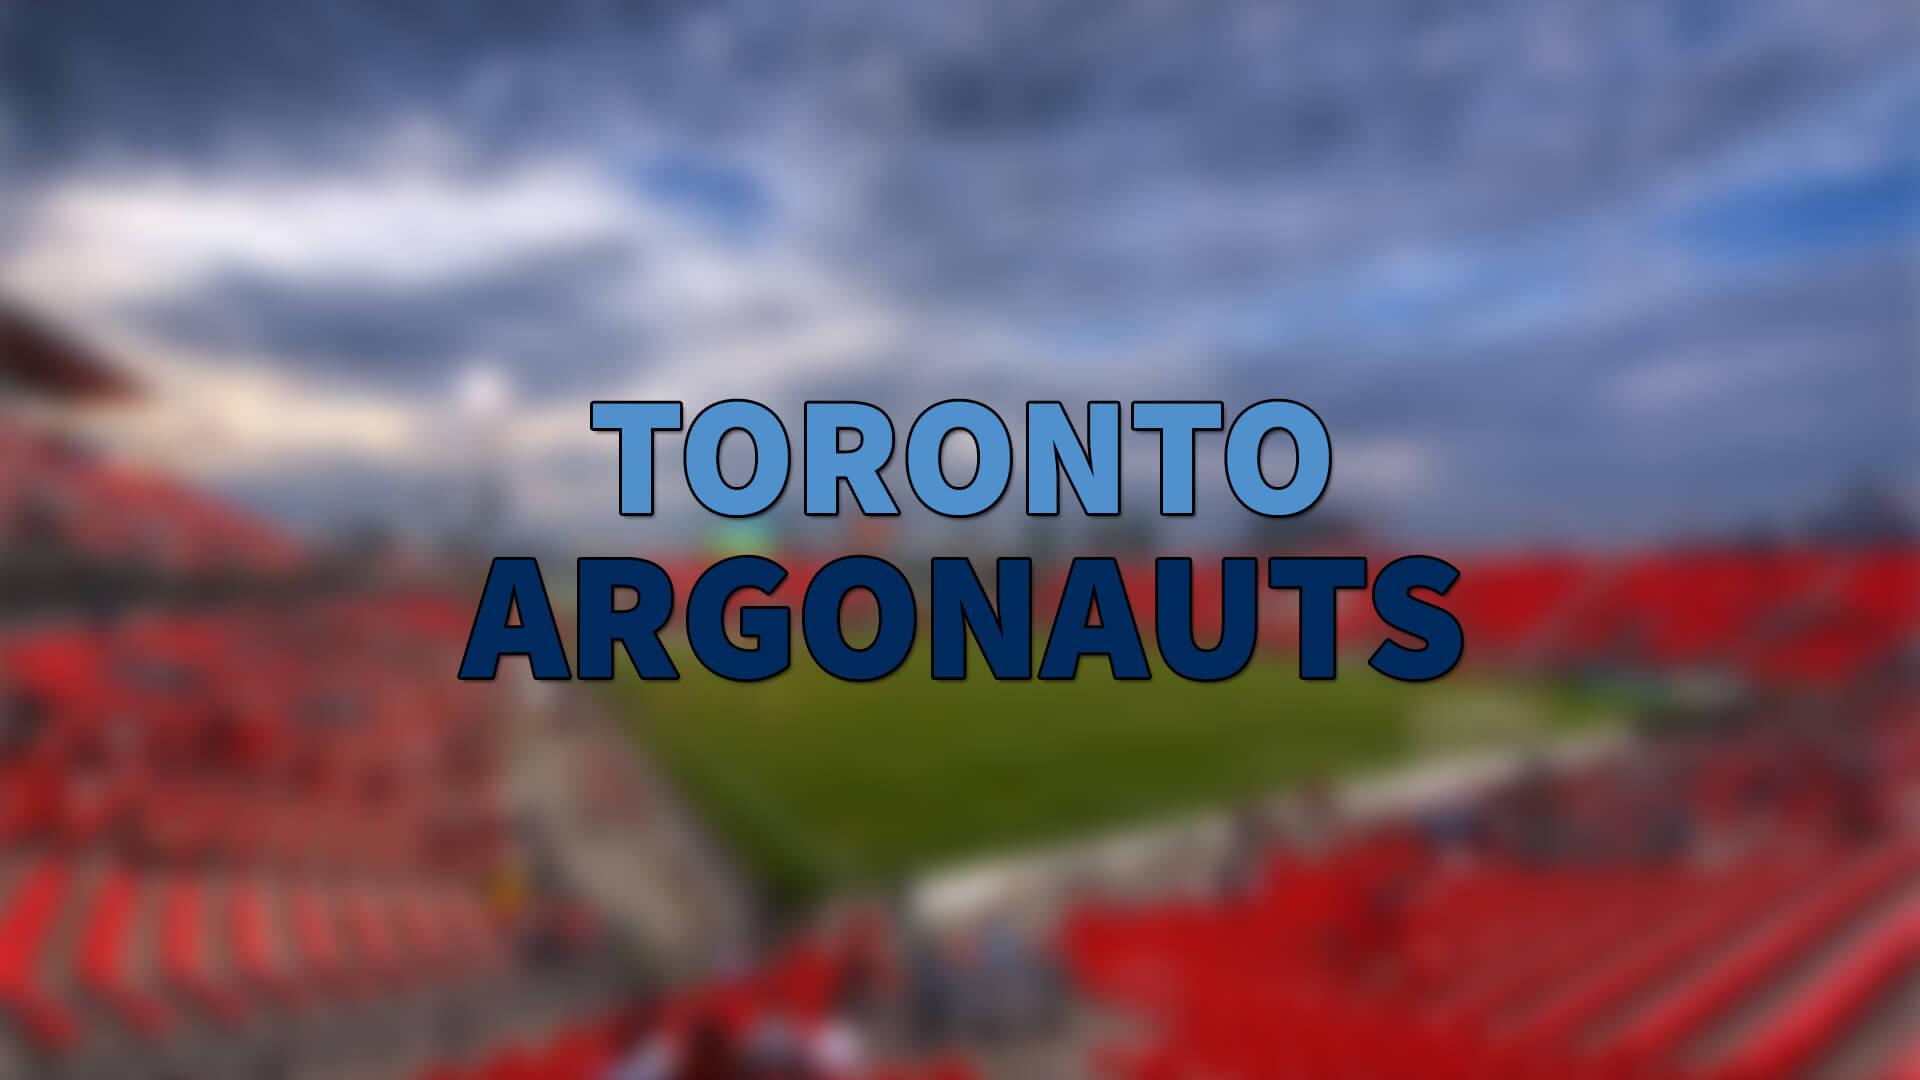 Argonauts Shane Ray ile Anlaşma İmzaladı | Korumalı Futbol Türkiye